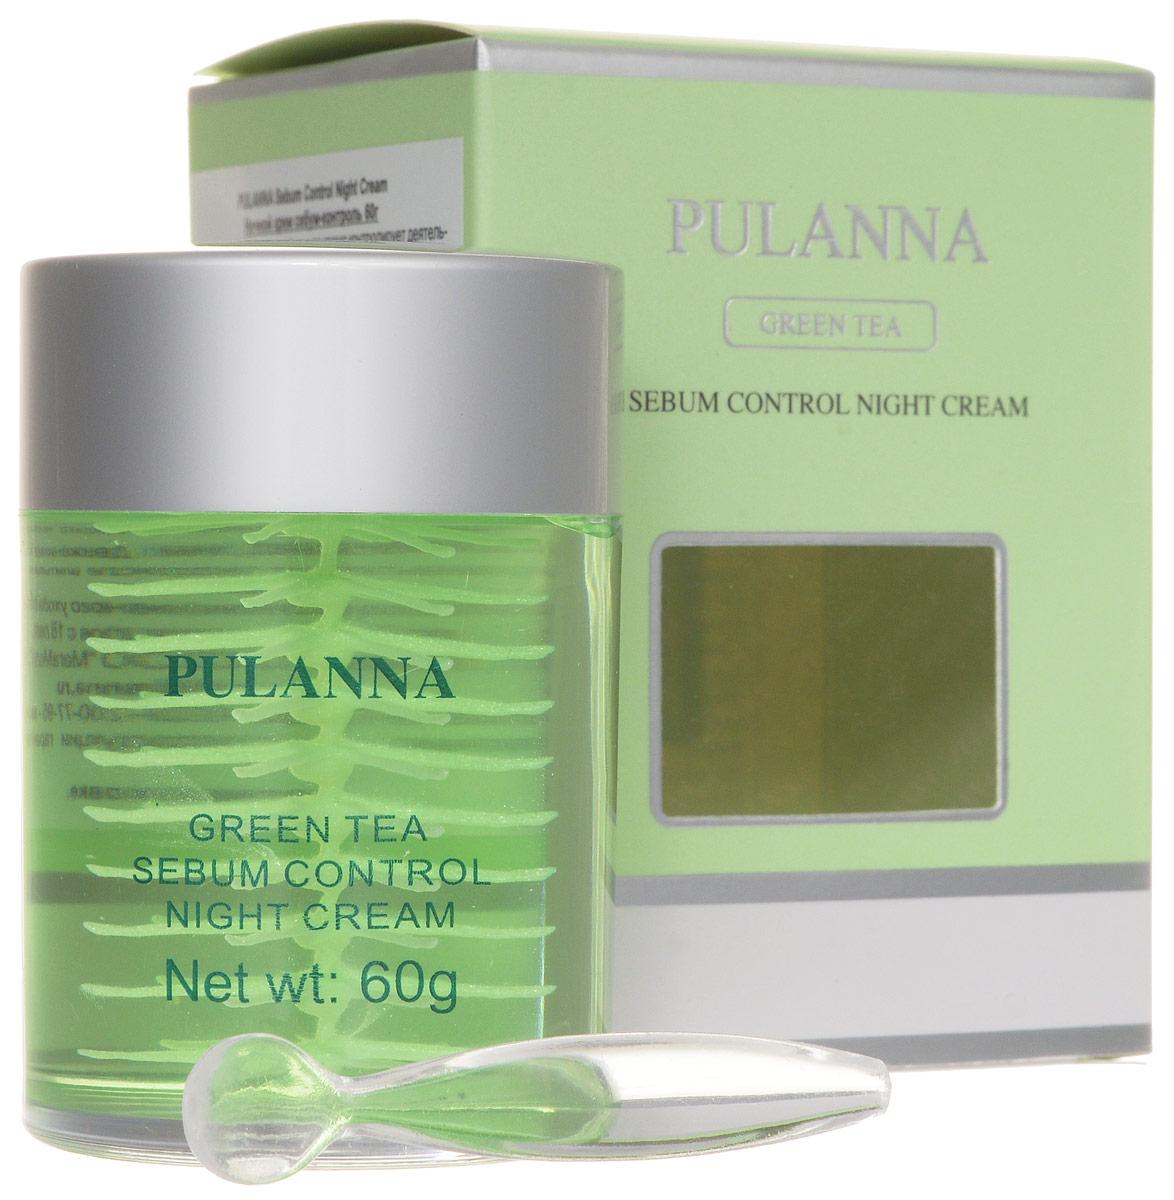 Pulanna Ночной крем себум-контроль на основе зеленого чая-Sebum Control Night Cream 60 г5902596005573Крем обладает противовоспалительным действием, укрепляет сосуды, снимает раздражения. Экстракт гриба Рейши оказывает бактериостатическое, антиоксидантное, антиканцерогенное действие, нормализует кровоснабжение, стимулирует вывод токсинов из кожи, замедляет процессы старения. Позволяет контролировать деятельность сальных желез. Крем также улучшает кровоснабжение, стимулирует вывод токсинов из кожи, оказывает антиоксидантное действие. Стимулирует обменные процессы и повышает местный кожный иммунитет. Заметно выравнивает кожный рельеф, питает, увлажняет, нормализует PH-баланс.Рекомендован для нормального, комбинированного типов кожи (в том числе для чувствительной) с 20 лет.